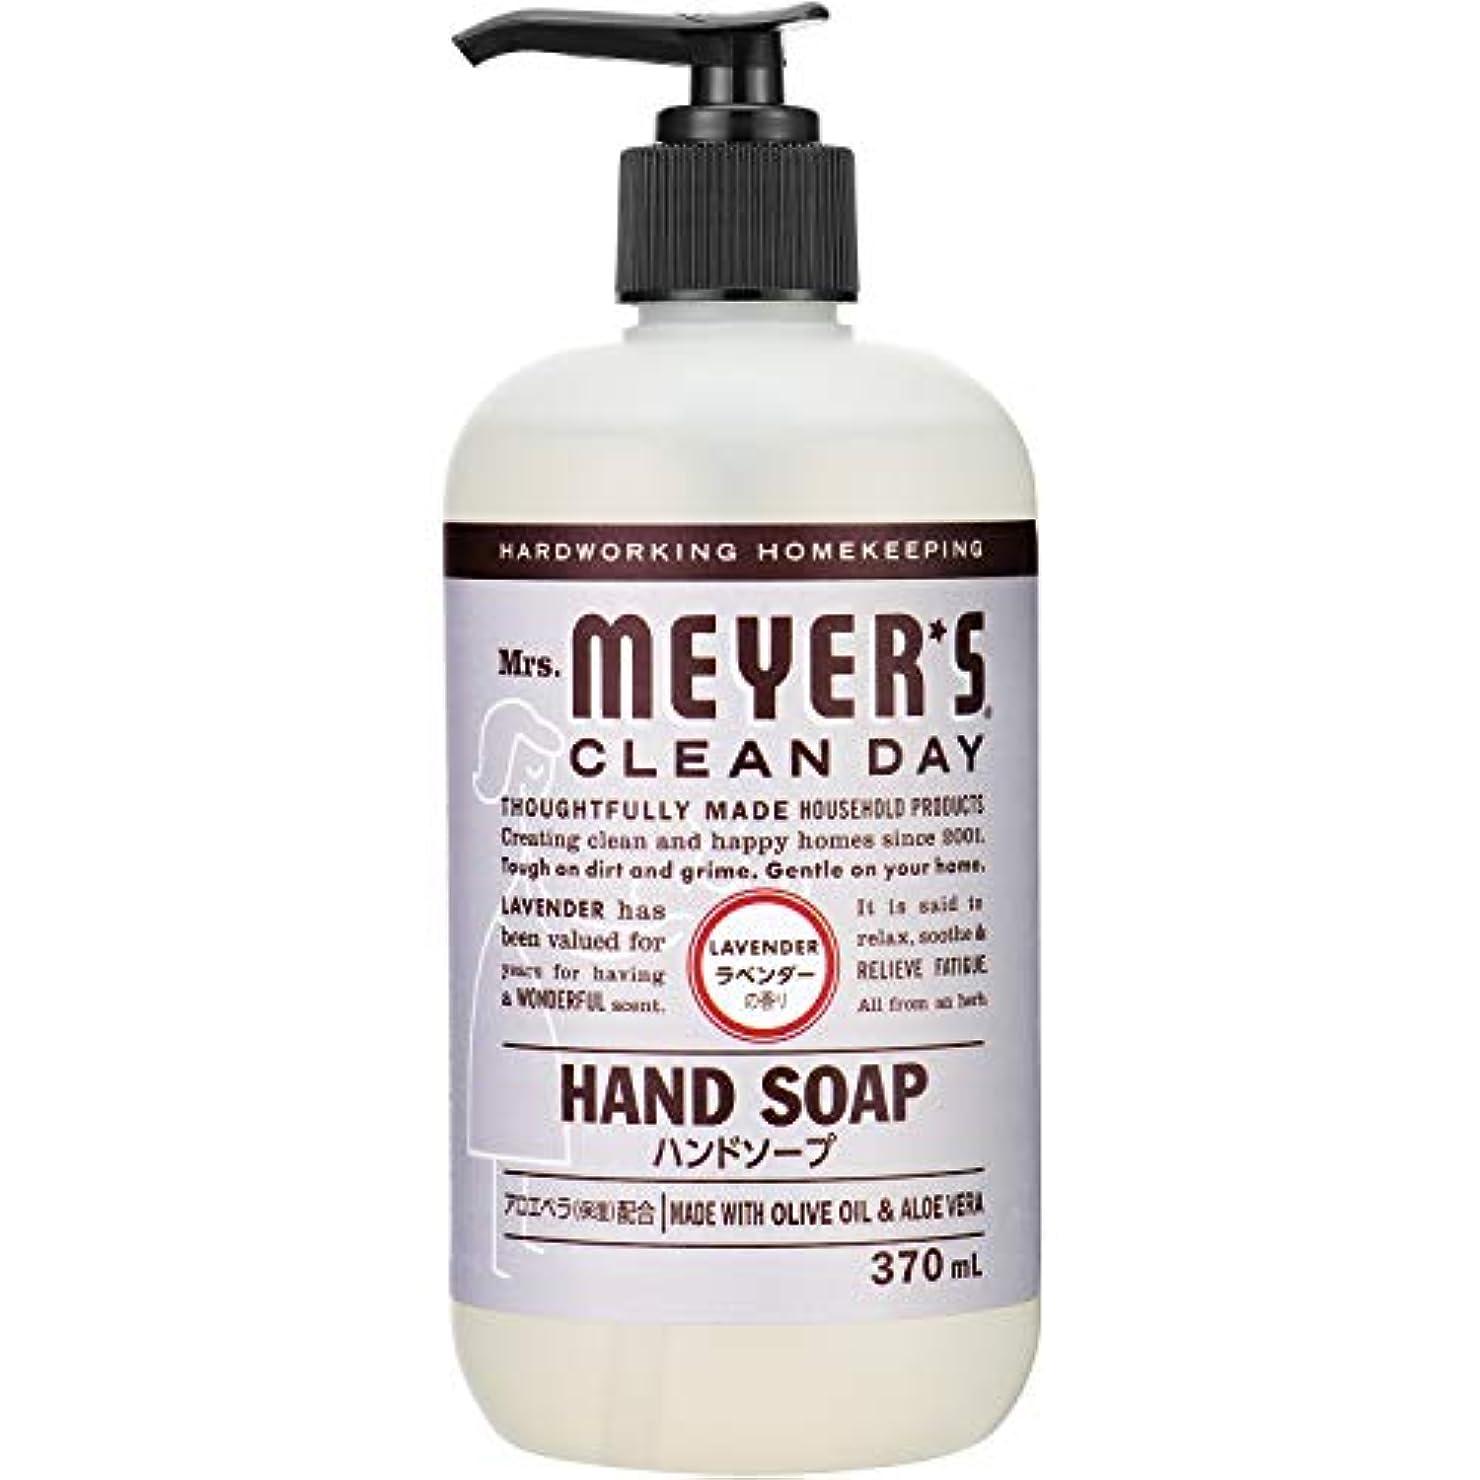 黒人圧縮する好奇心盛Mrs. MEYER'S CLEAN DAY(ミセスマイヤーズ クリーンデイ) ミセスマイヤーズ クリーンデイ(Mrs.Meyers Clean Day) ハンドソープ ラベンダーの香り 370ml